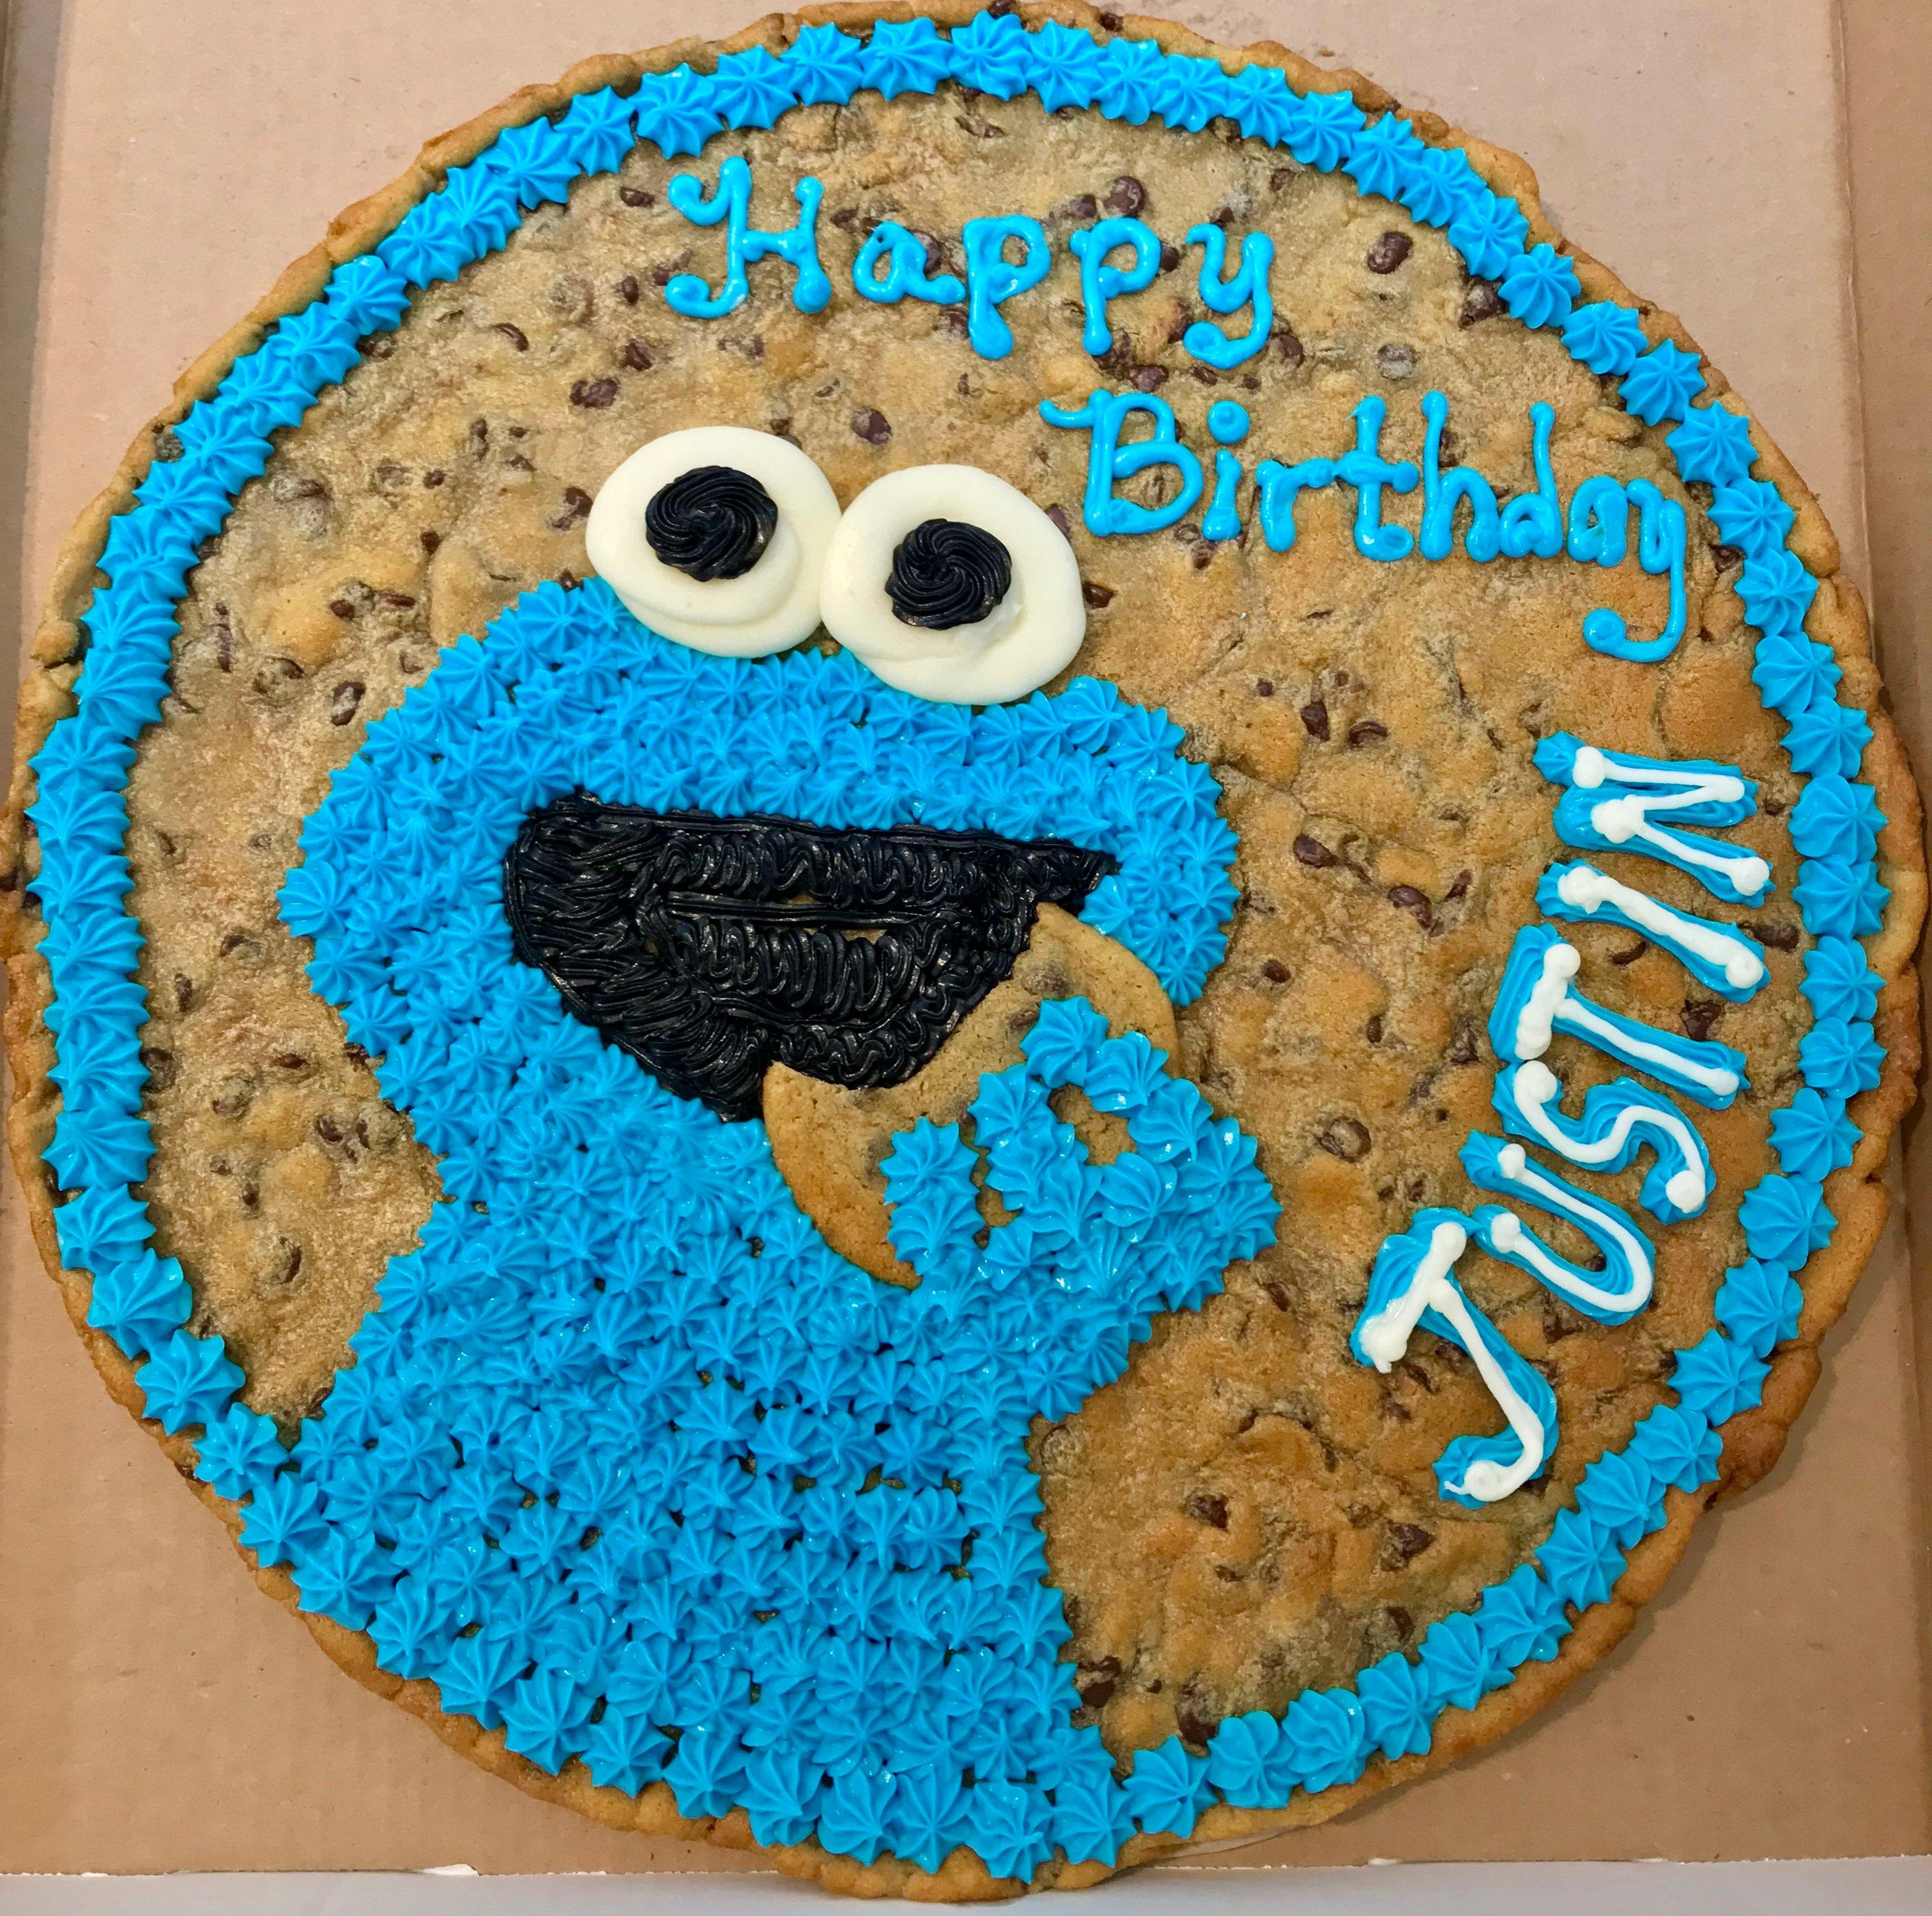 https://0201.nccdn.net/4_2/000/000/07d/95b/Cookie-Monster.jpg